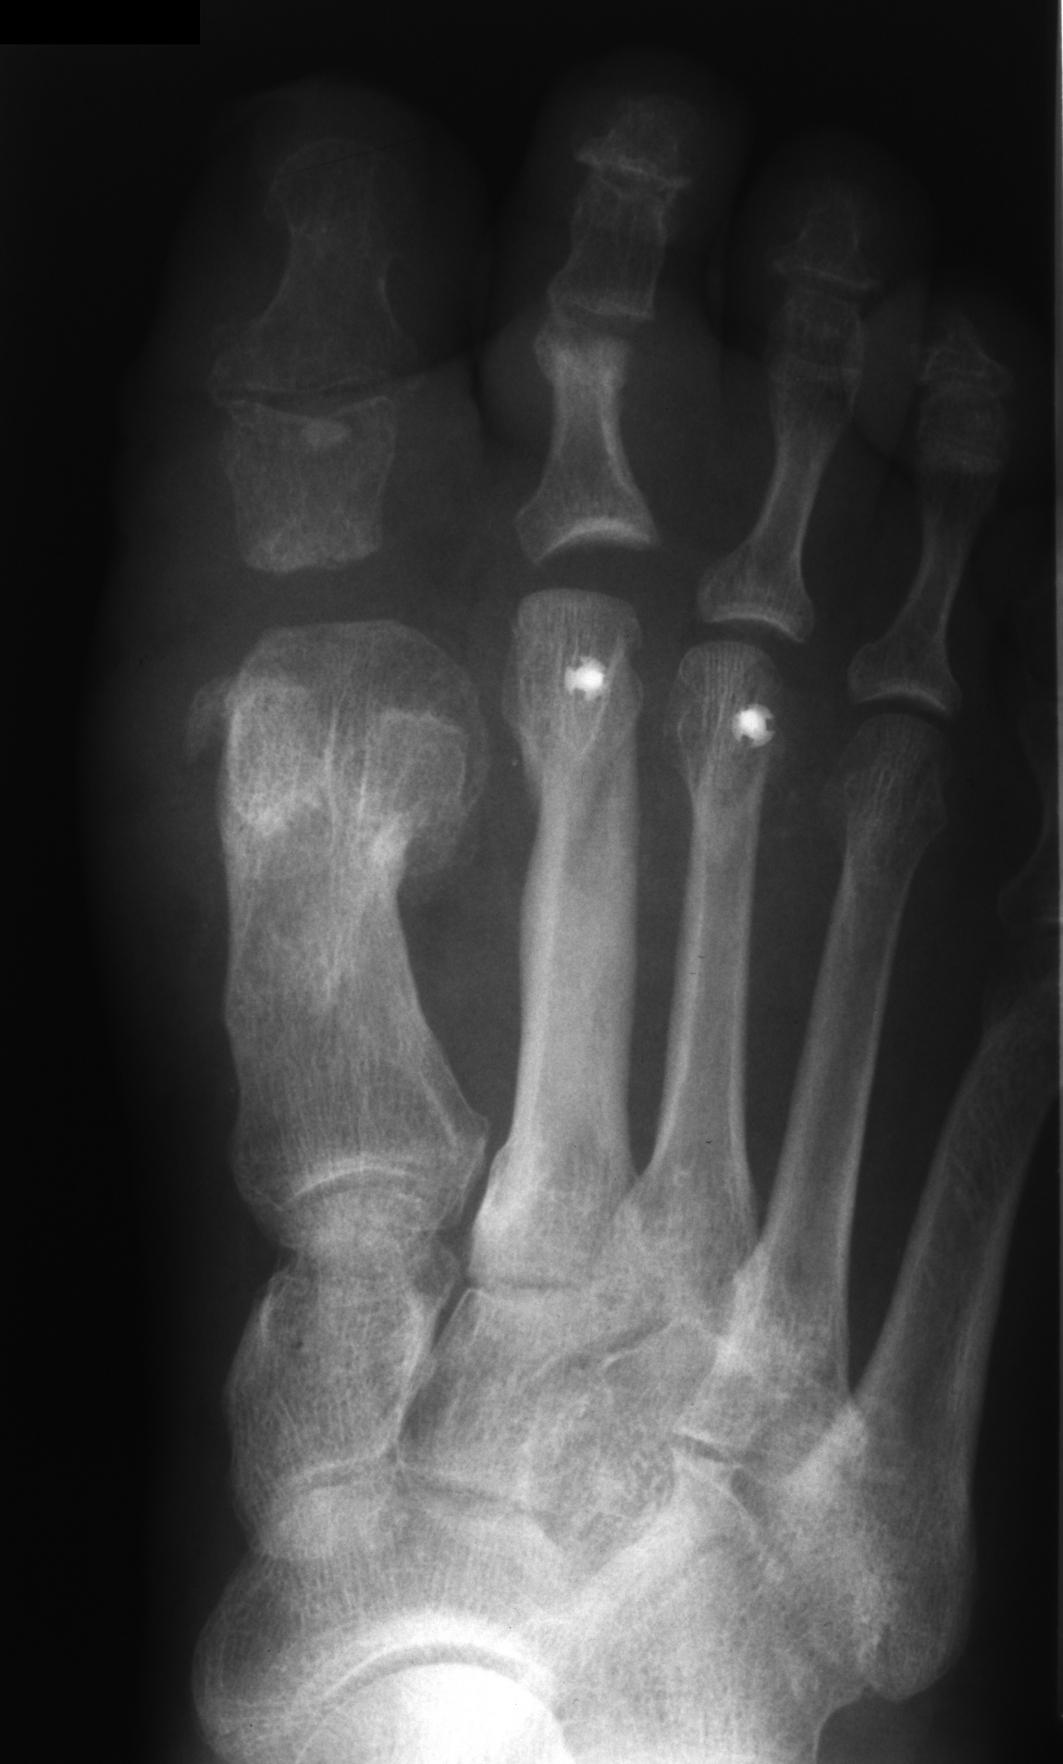 Verkürzung von MFK 2 und MFK 3 durch Weil-Osteotomie.